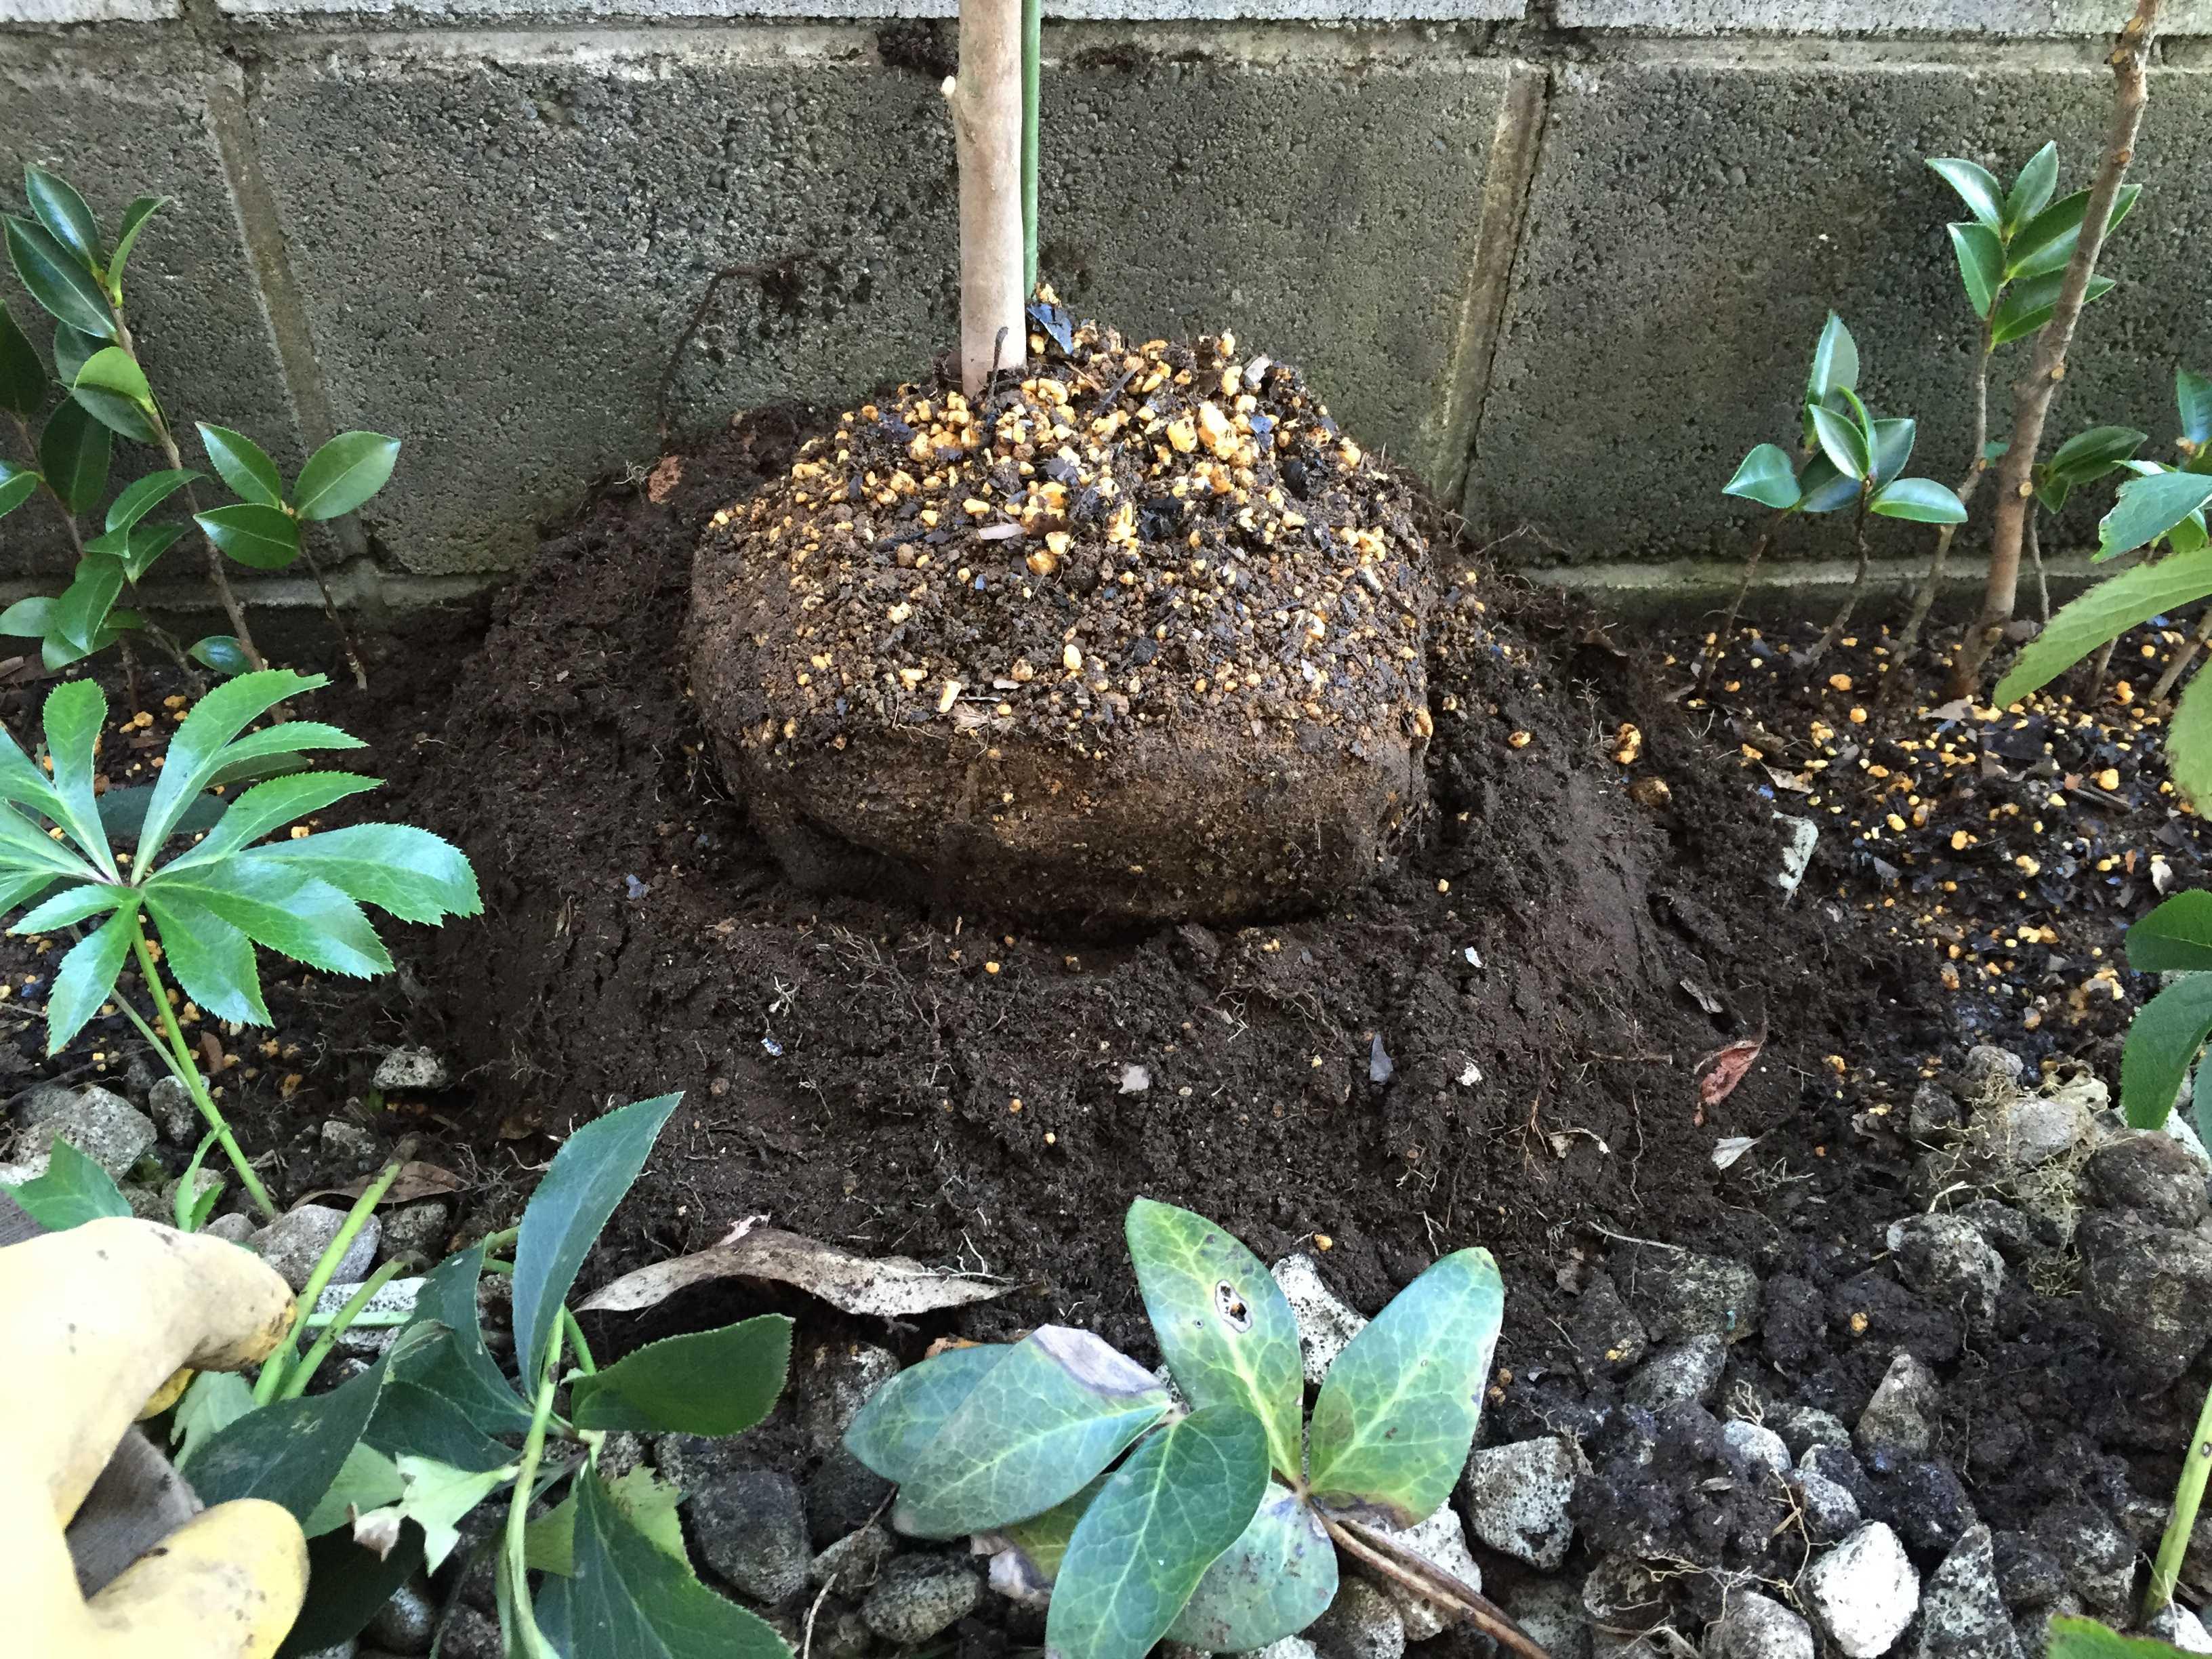 サザンカのタチカンツバキ(立寒椿)の苗木